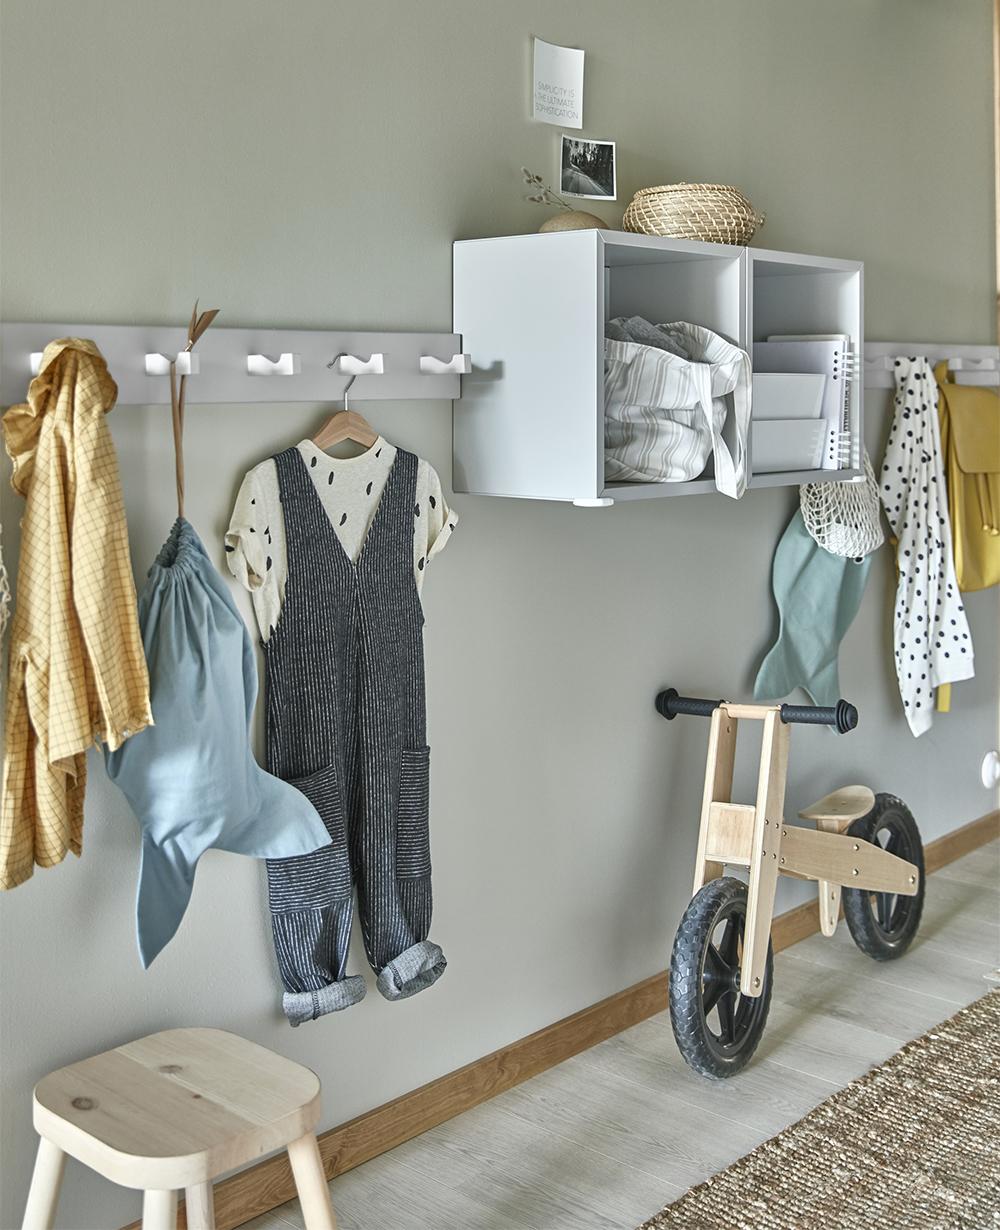 Hallförvaring hos barnfamilj i Ikea-katalogen